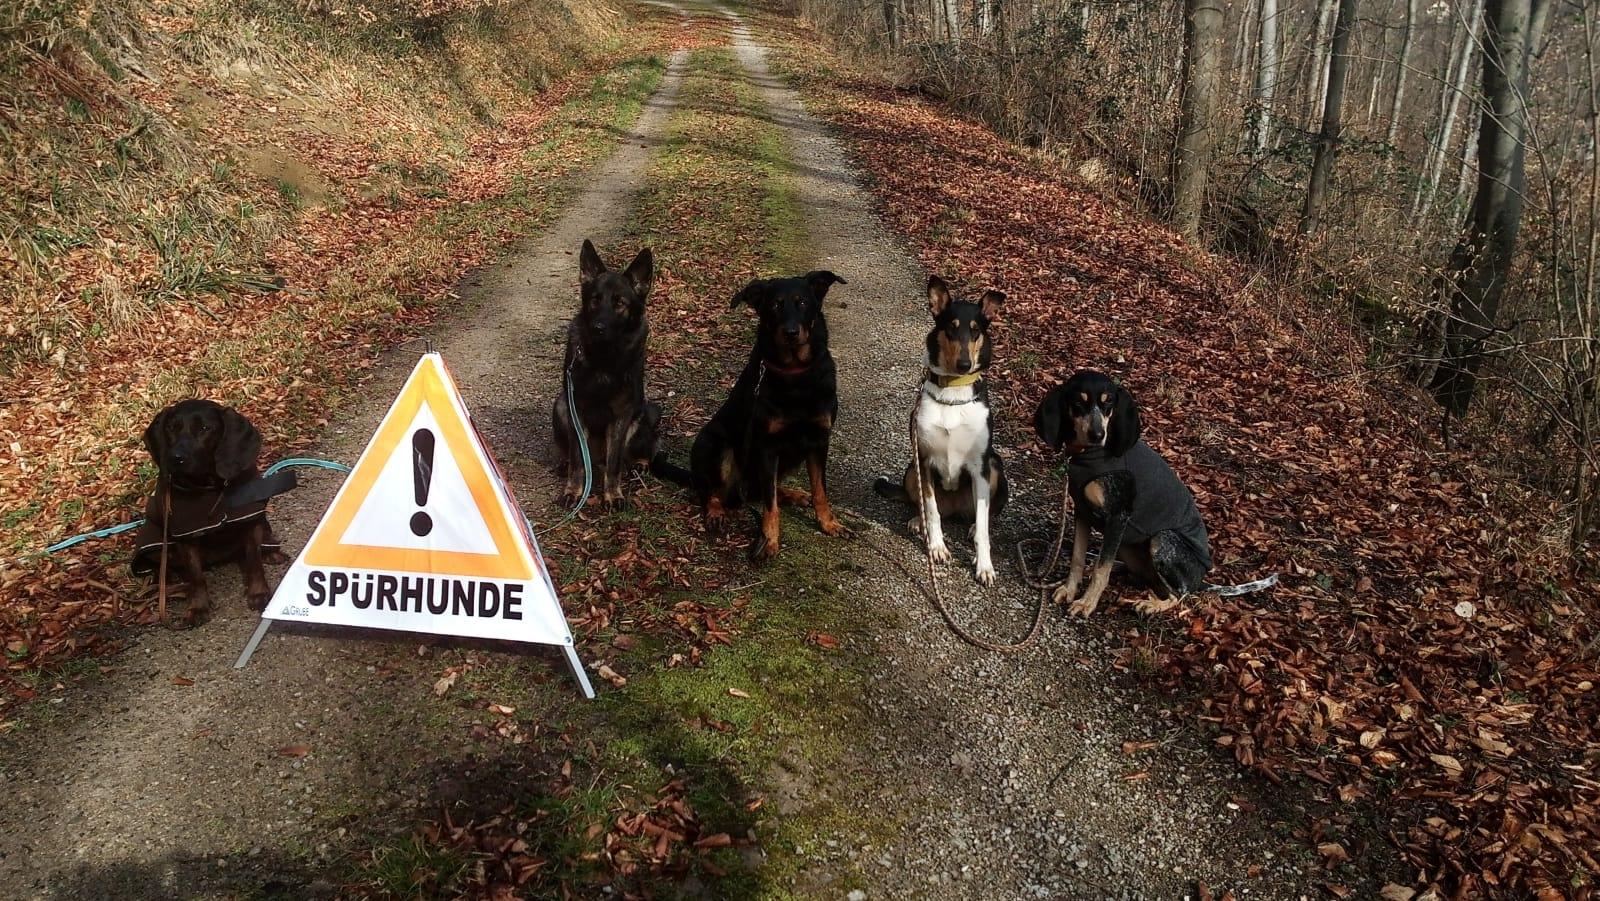 angehende Borkenkäferspürhunde nebeneinandersitzend auf der Forststraße